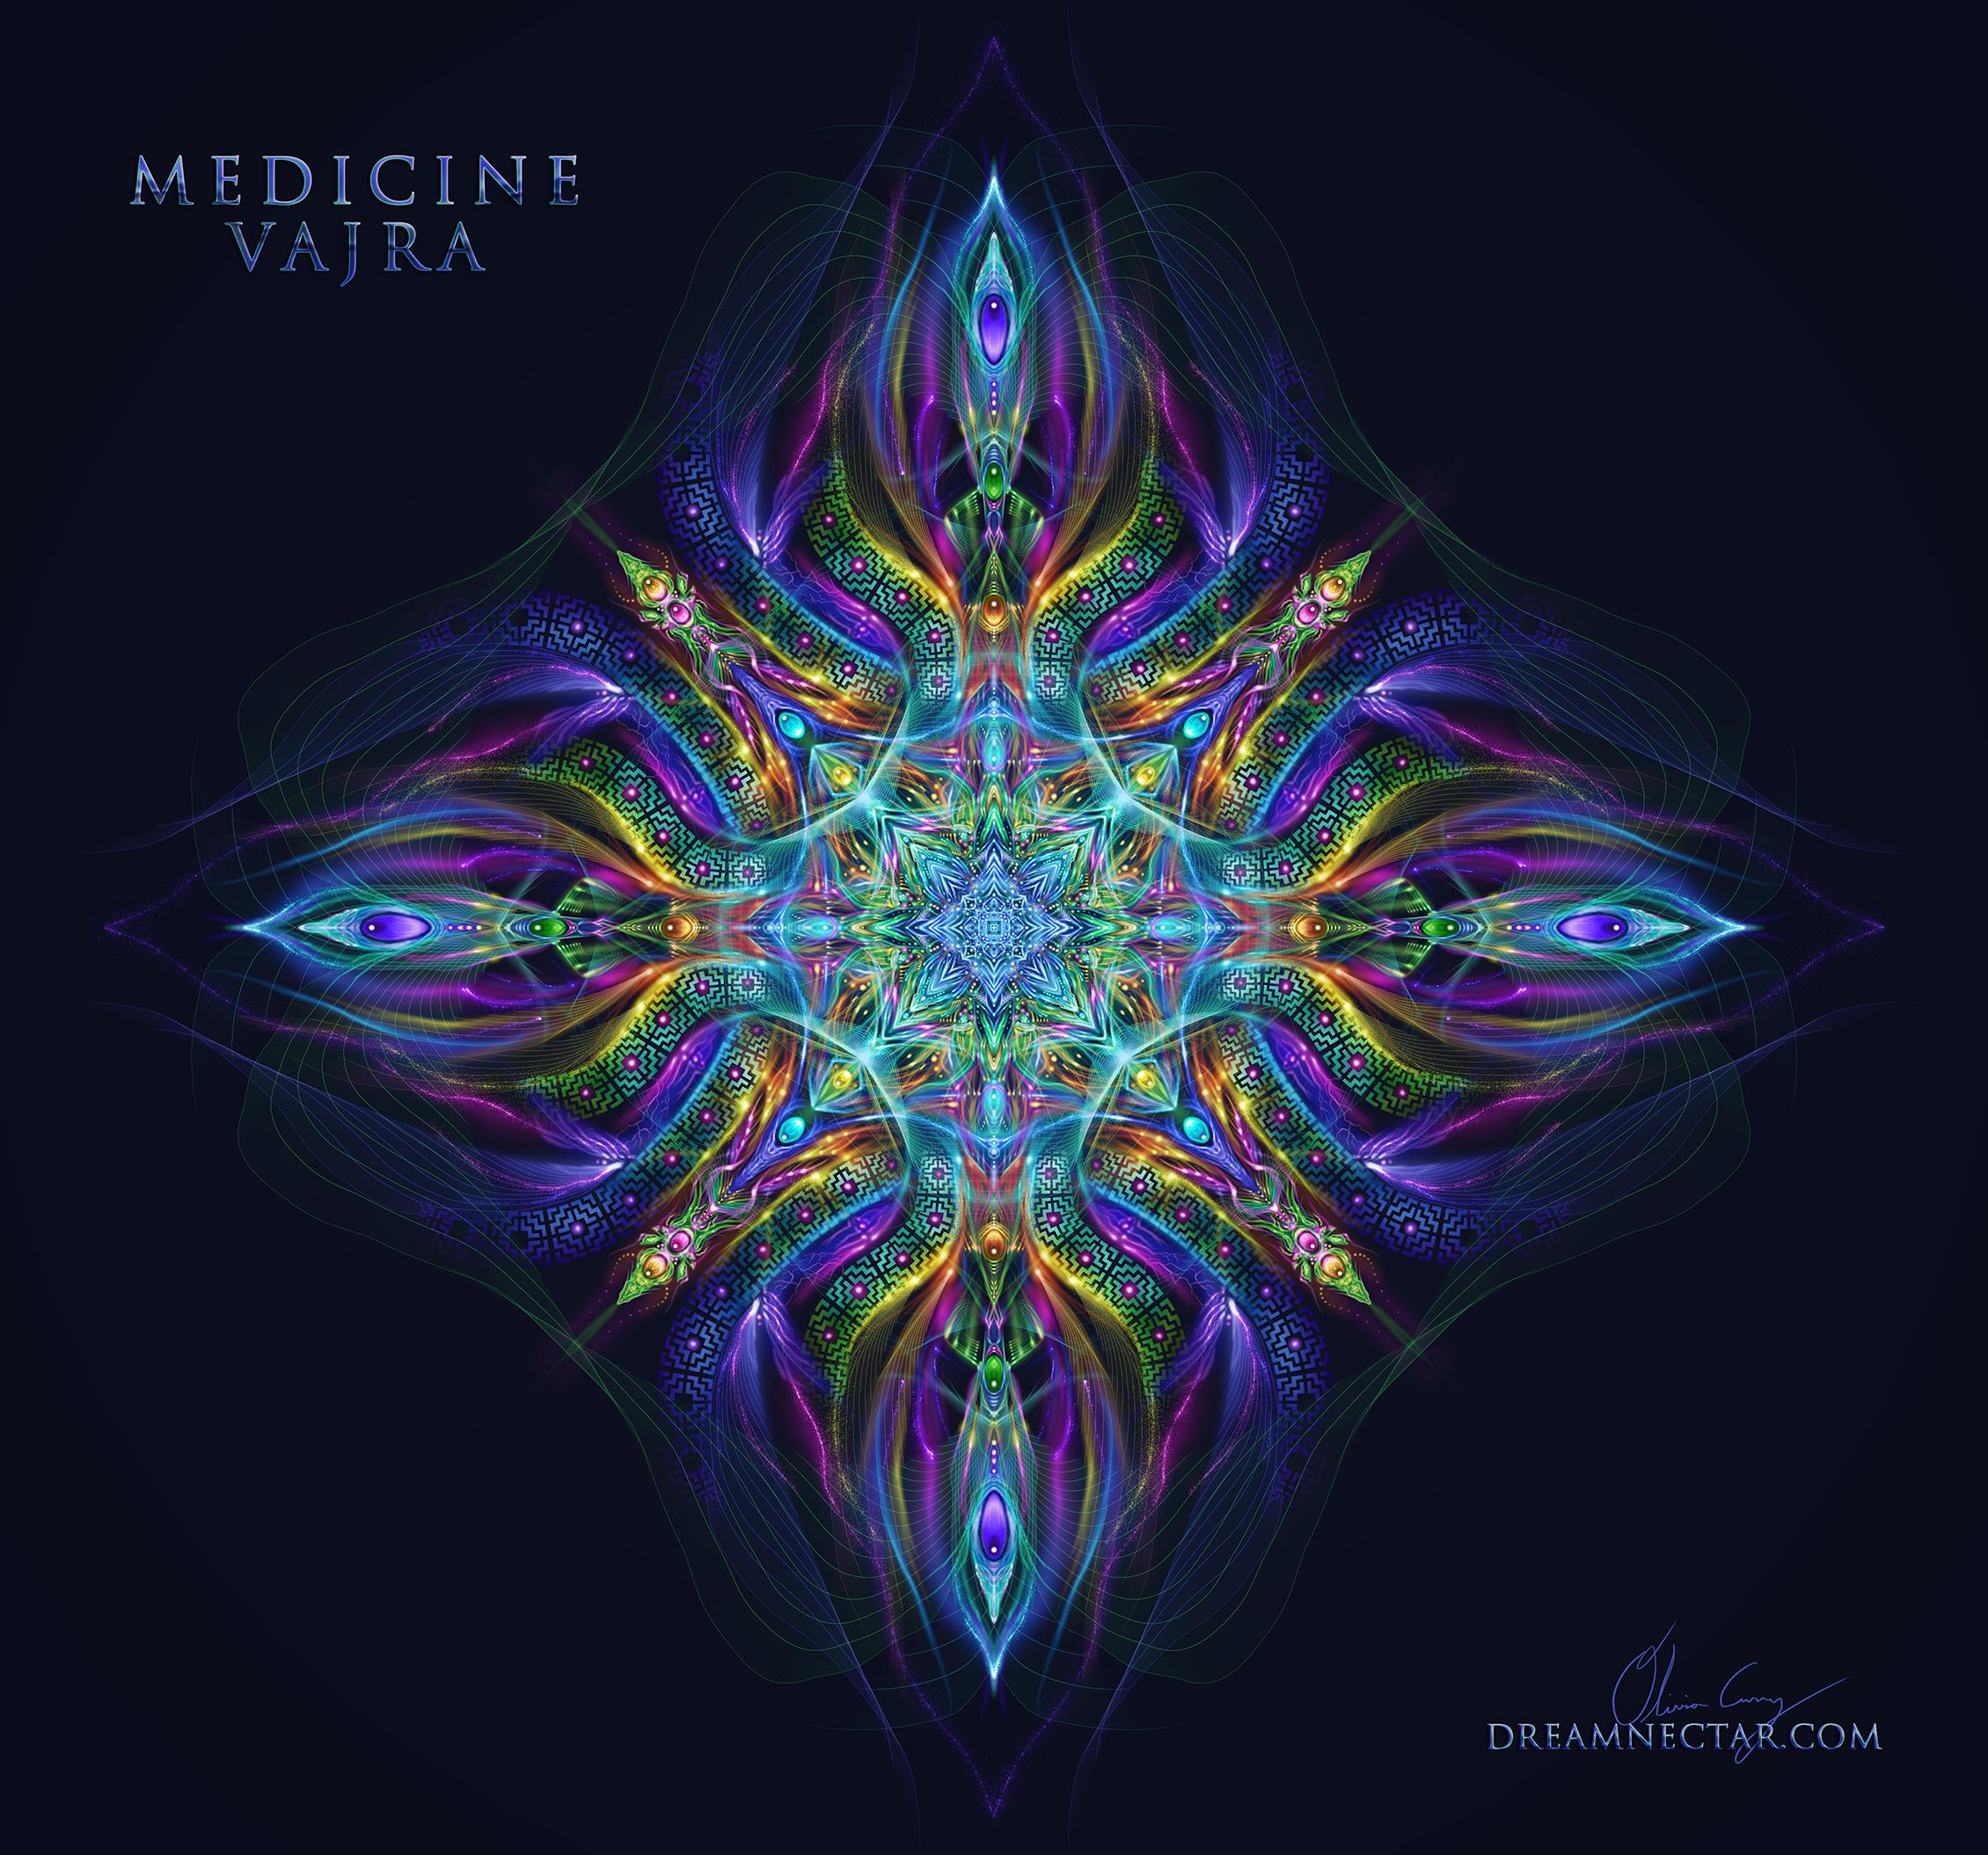 Medicine Vajra